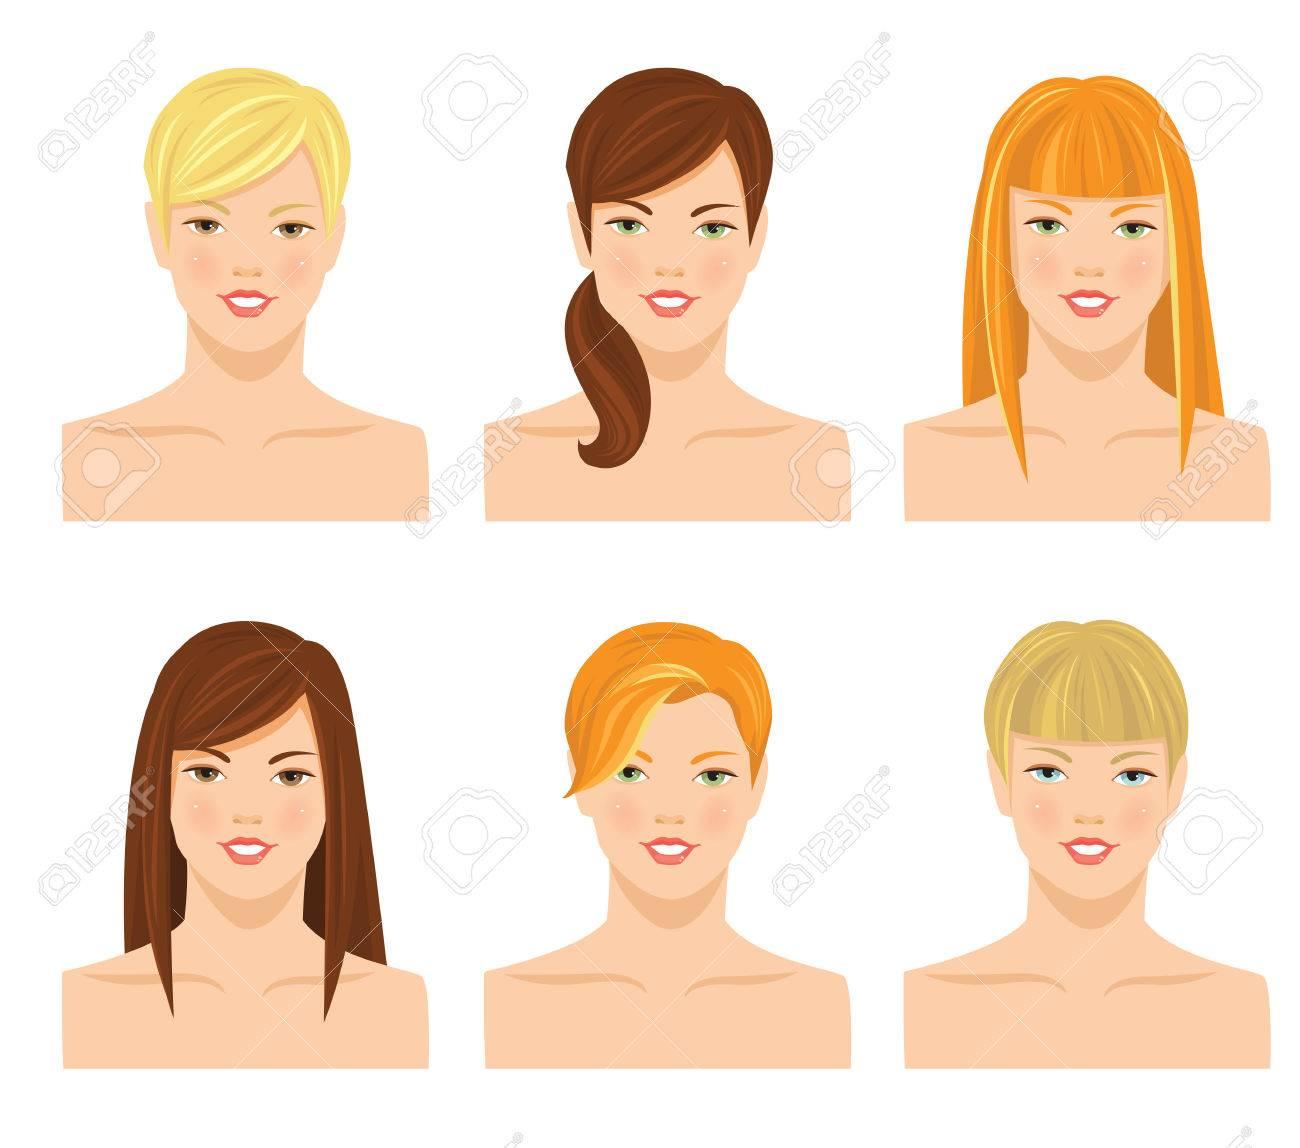 Vektor Illustrationen Von Hübschen Jungen Mädchen Mit Vaus Frisur